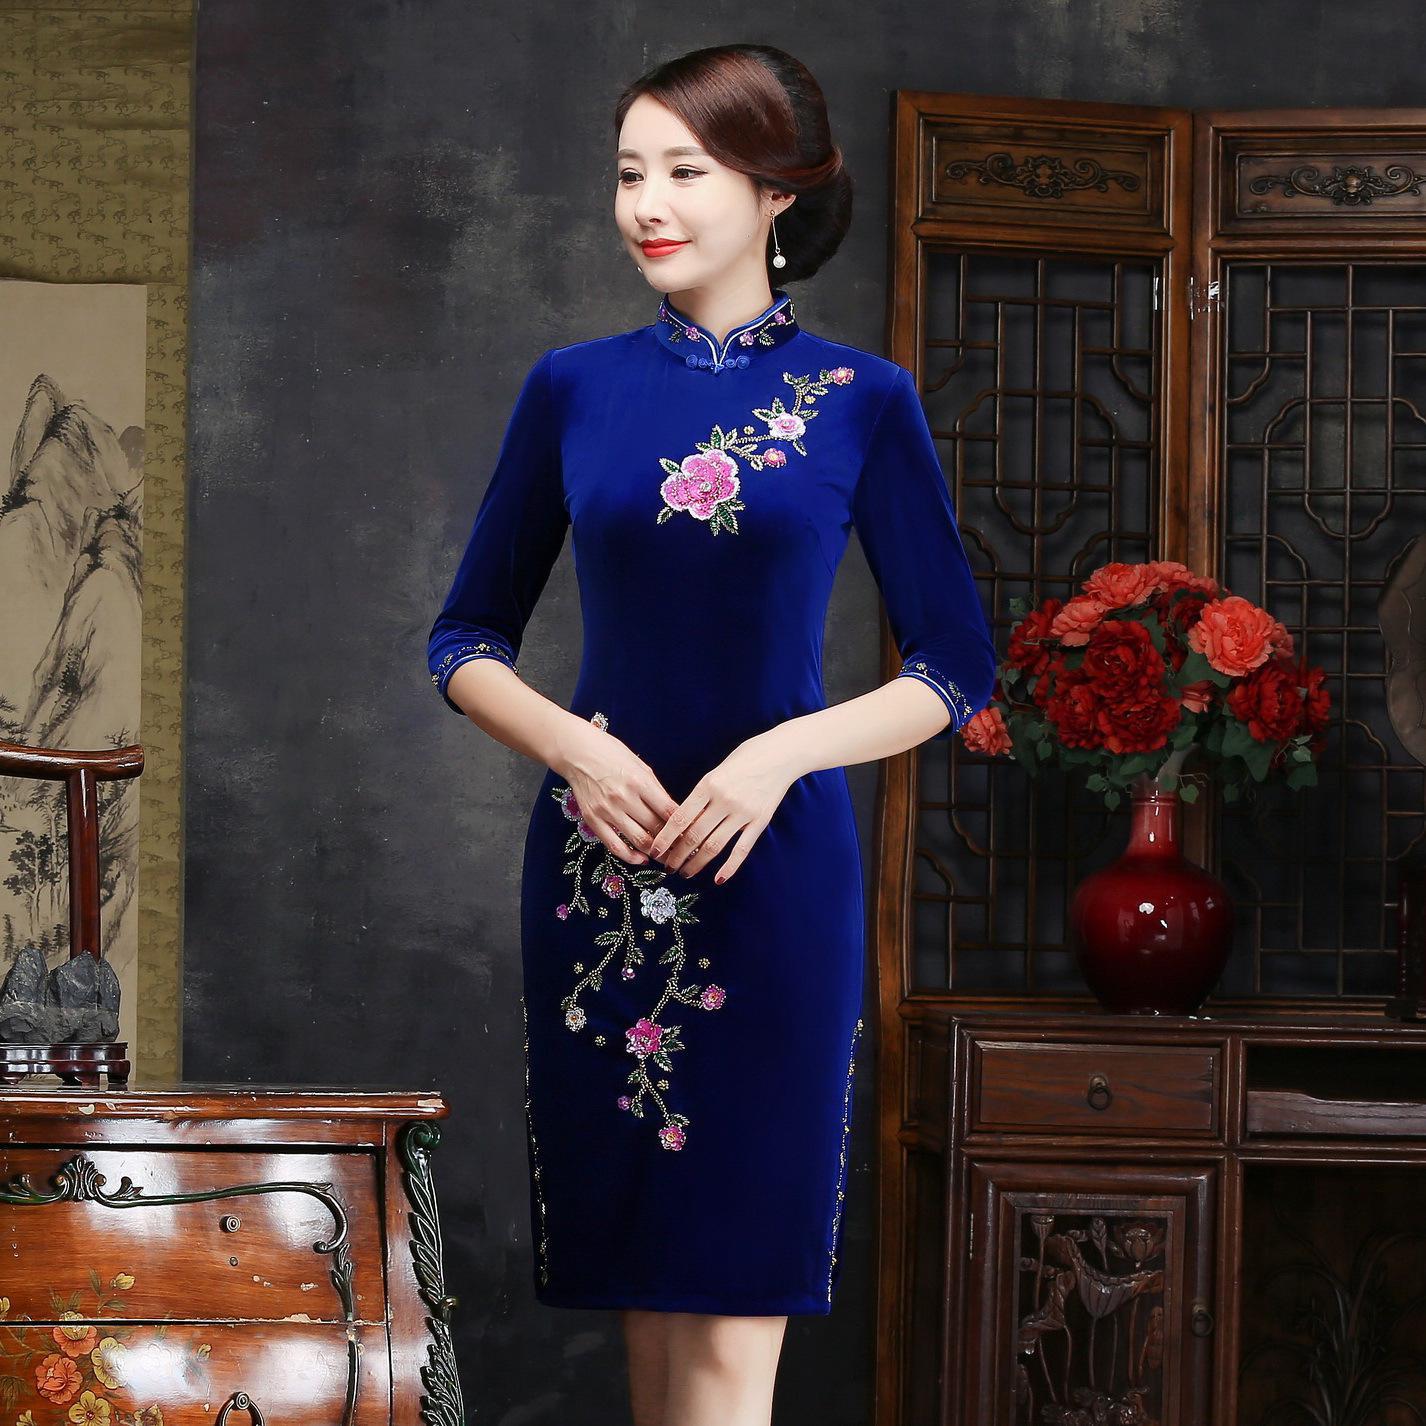 Осень зима для женщин вышивка Qipao пикантные высокие разделение Cheongsam Oversize 3XL 4XL Винтаж ручной работы и пуговицы платье Vestiidos - Цвет: Blue Short